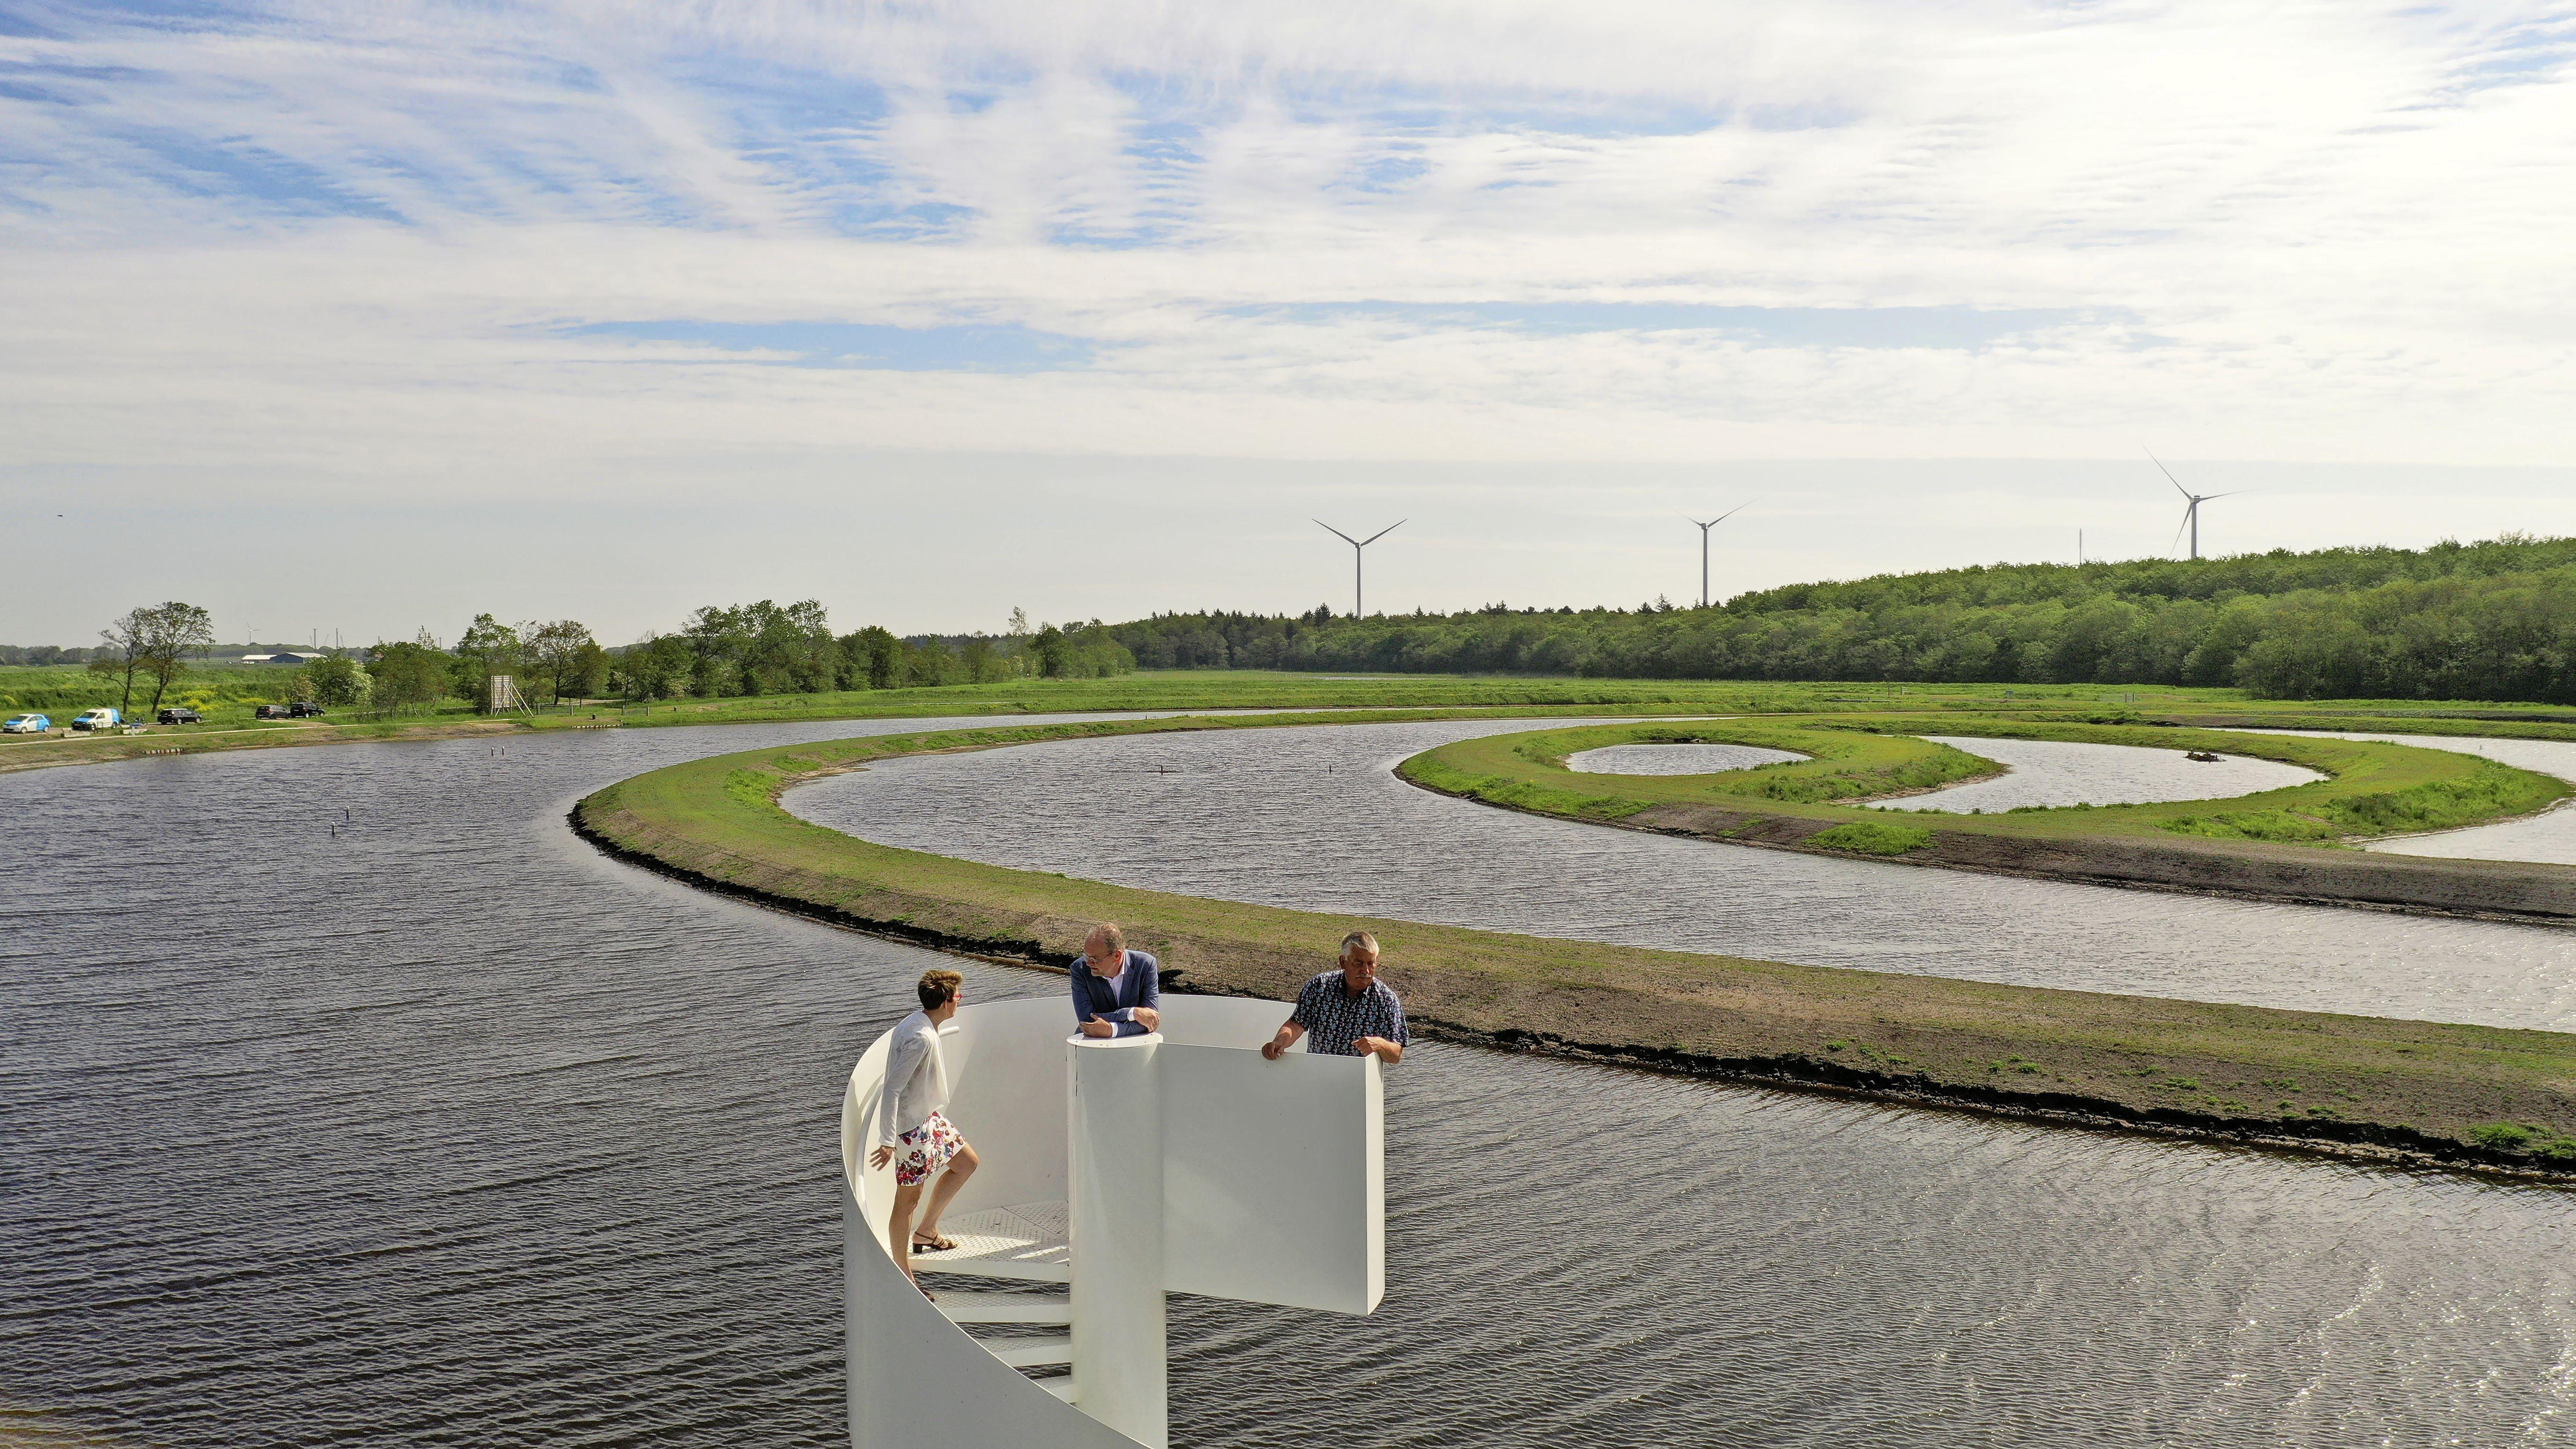 Op een toren uitkijken over de Viskringloop in de Wieringermeer met paden voor wandelaars